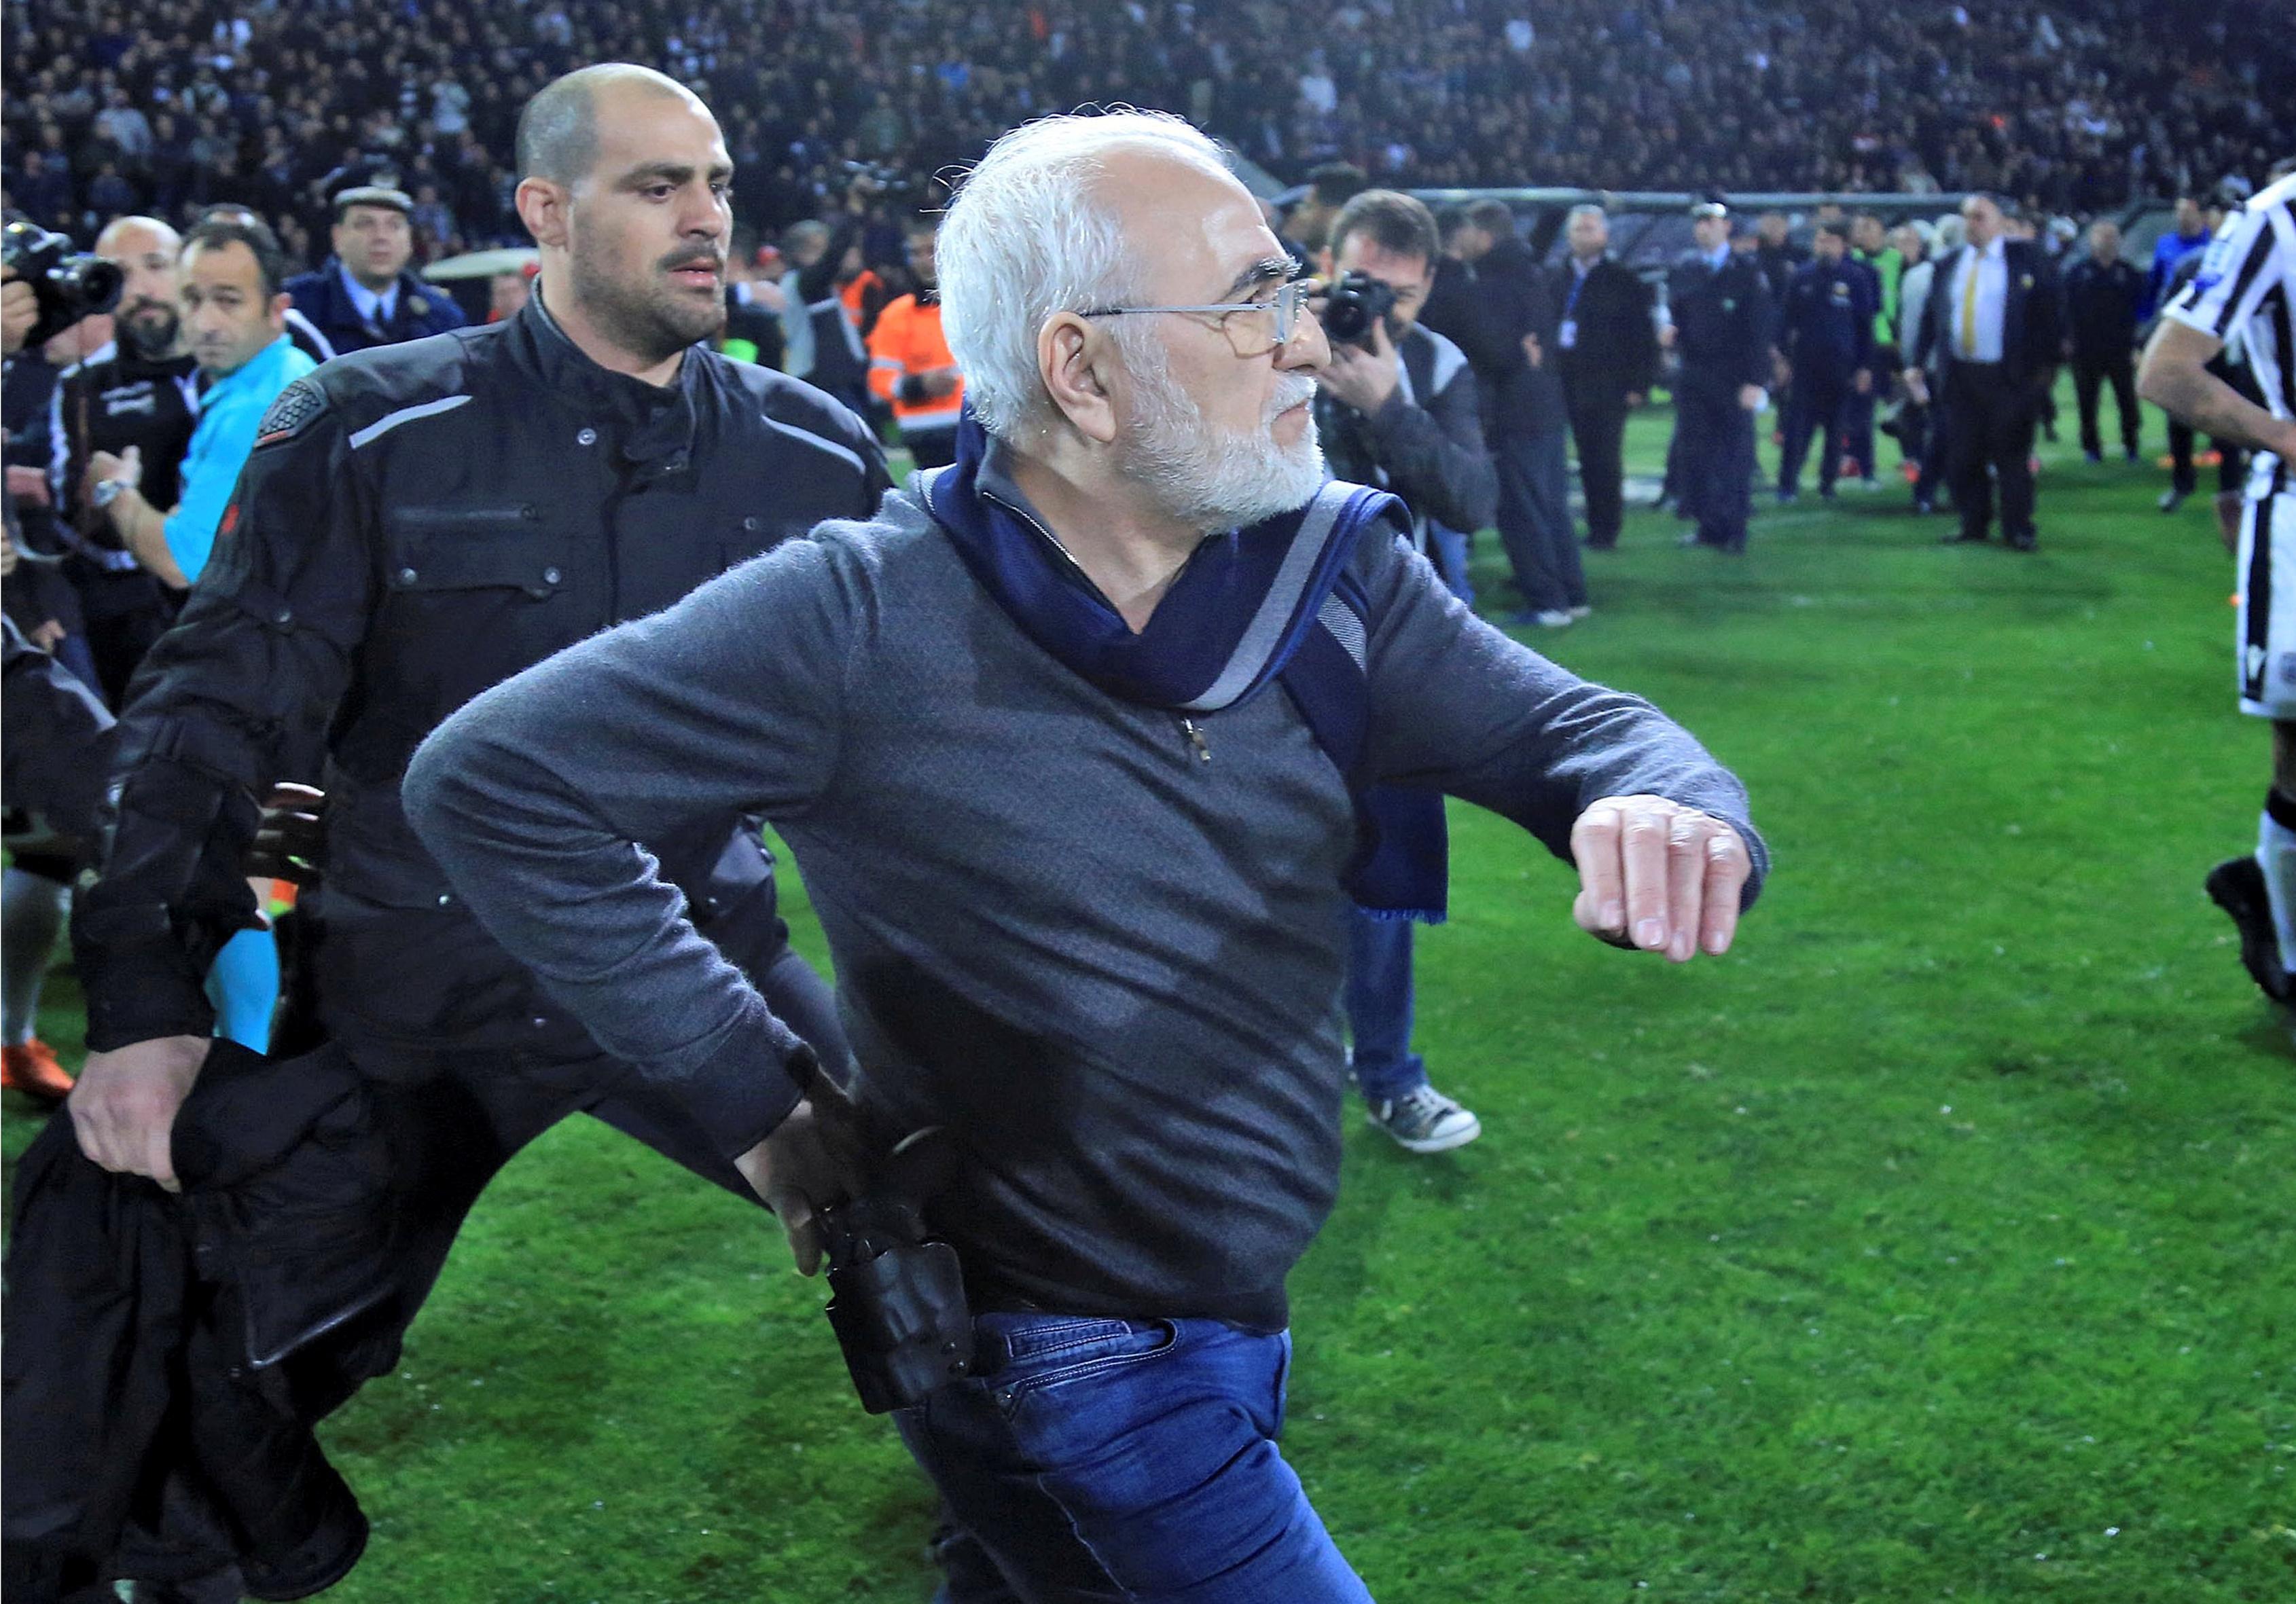 Polícia manda prender presidente do PAOK, e futebol é suspenso na Grécia